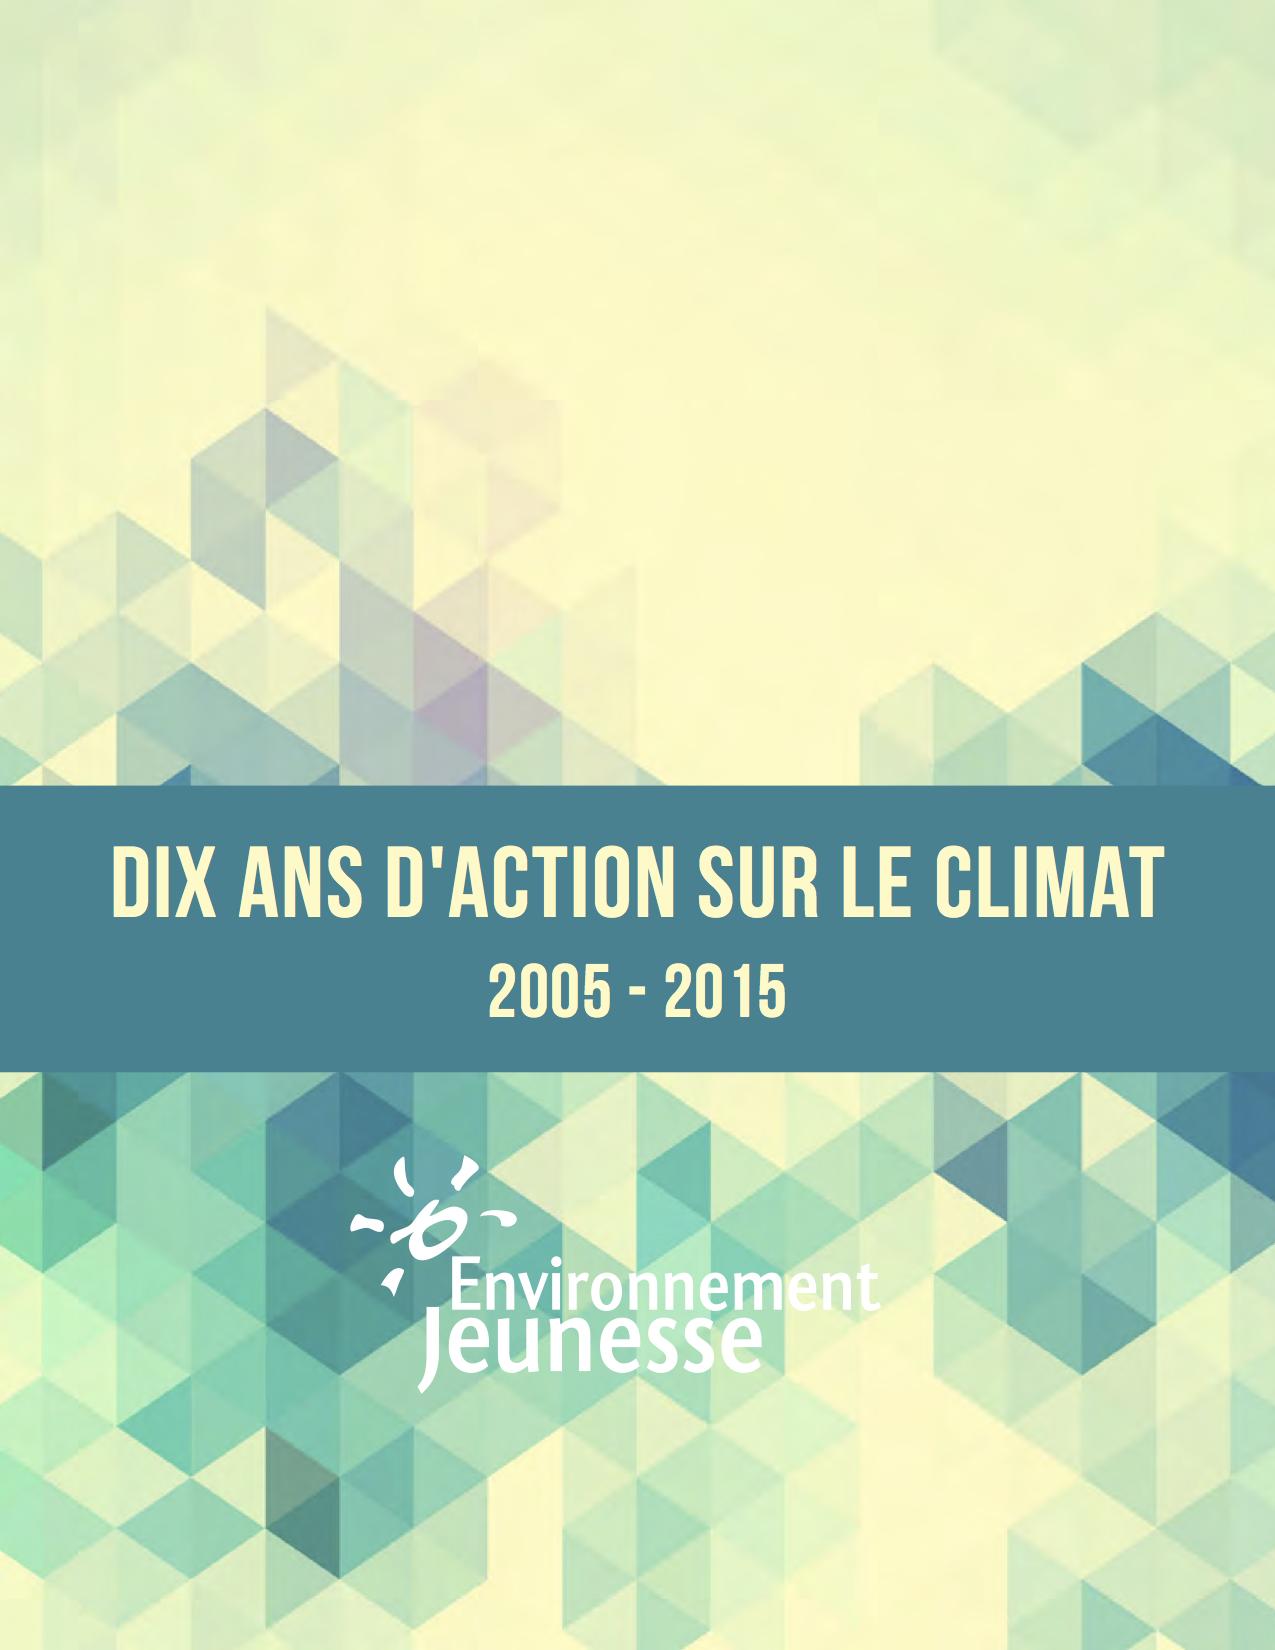 Rapport_10-ans-action-climat_vignette